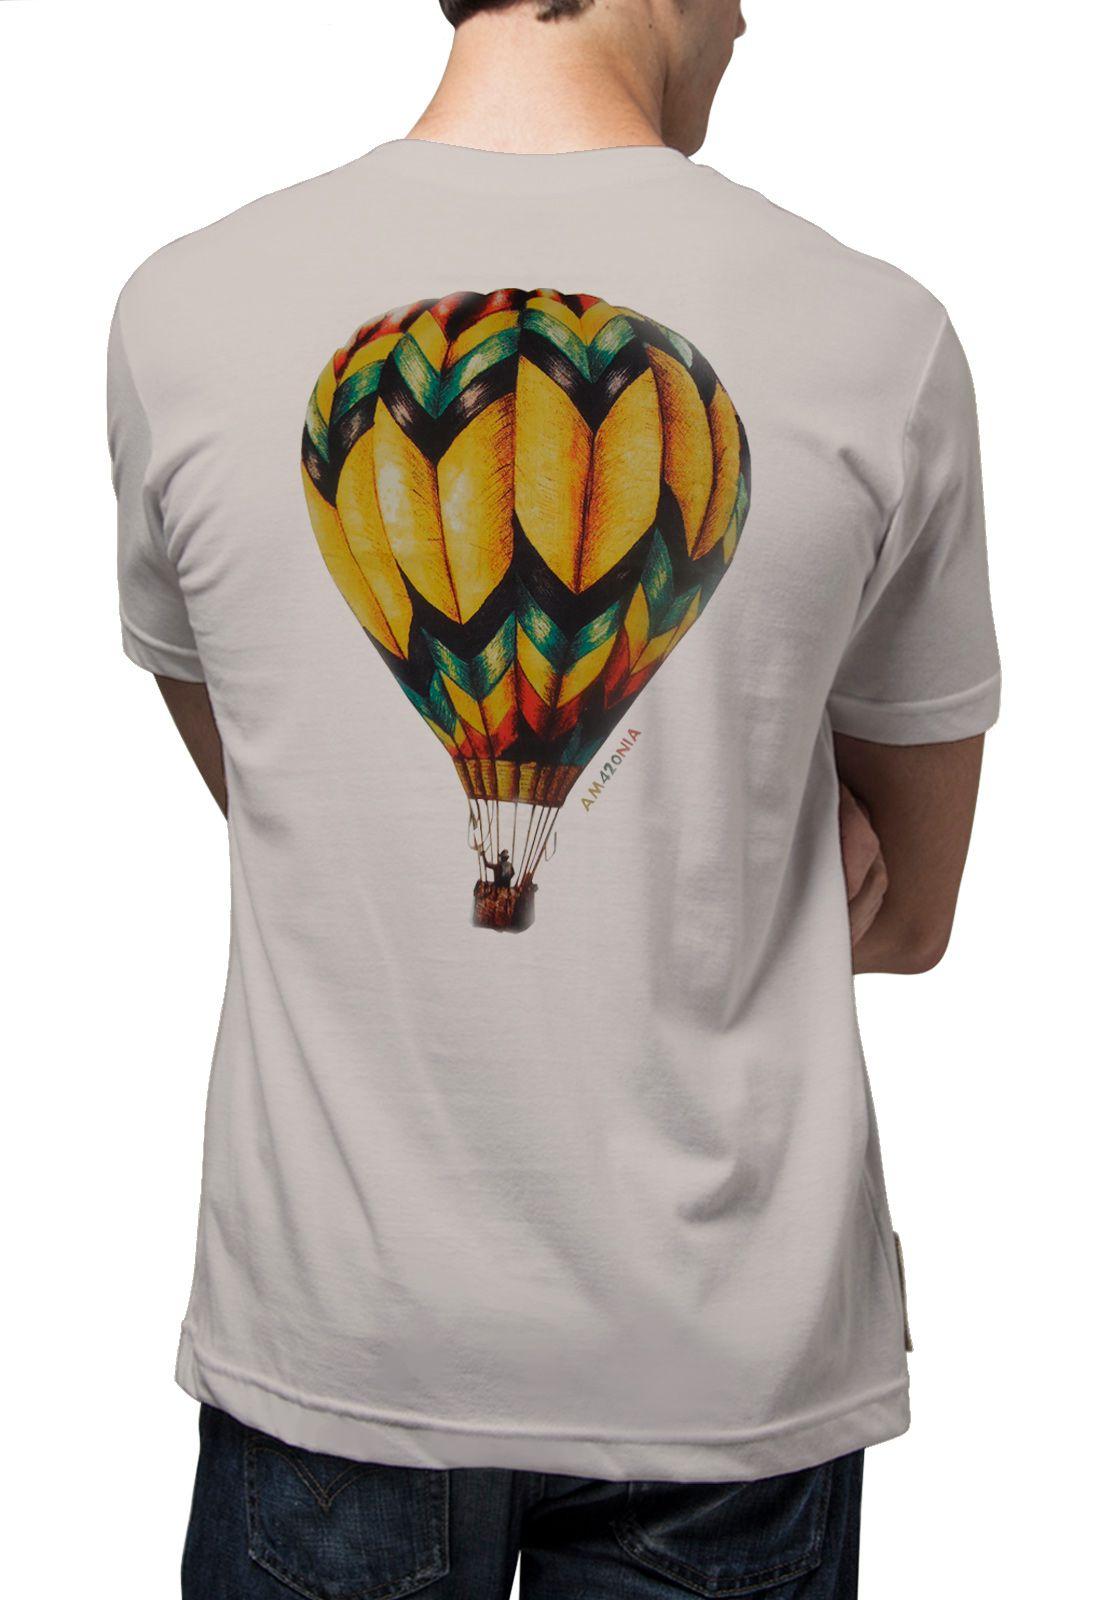 Camiseta Amazônia Balão - Bege